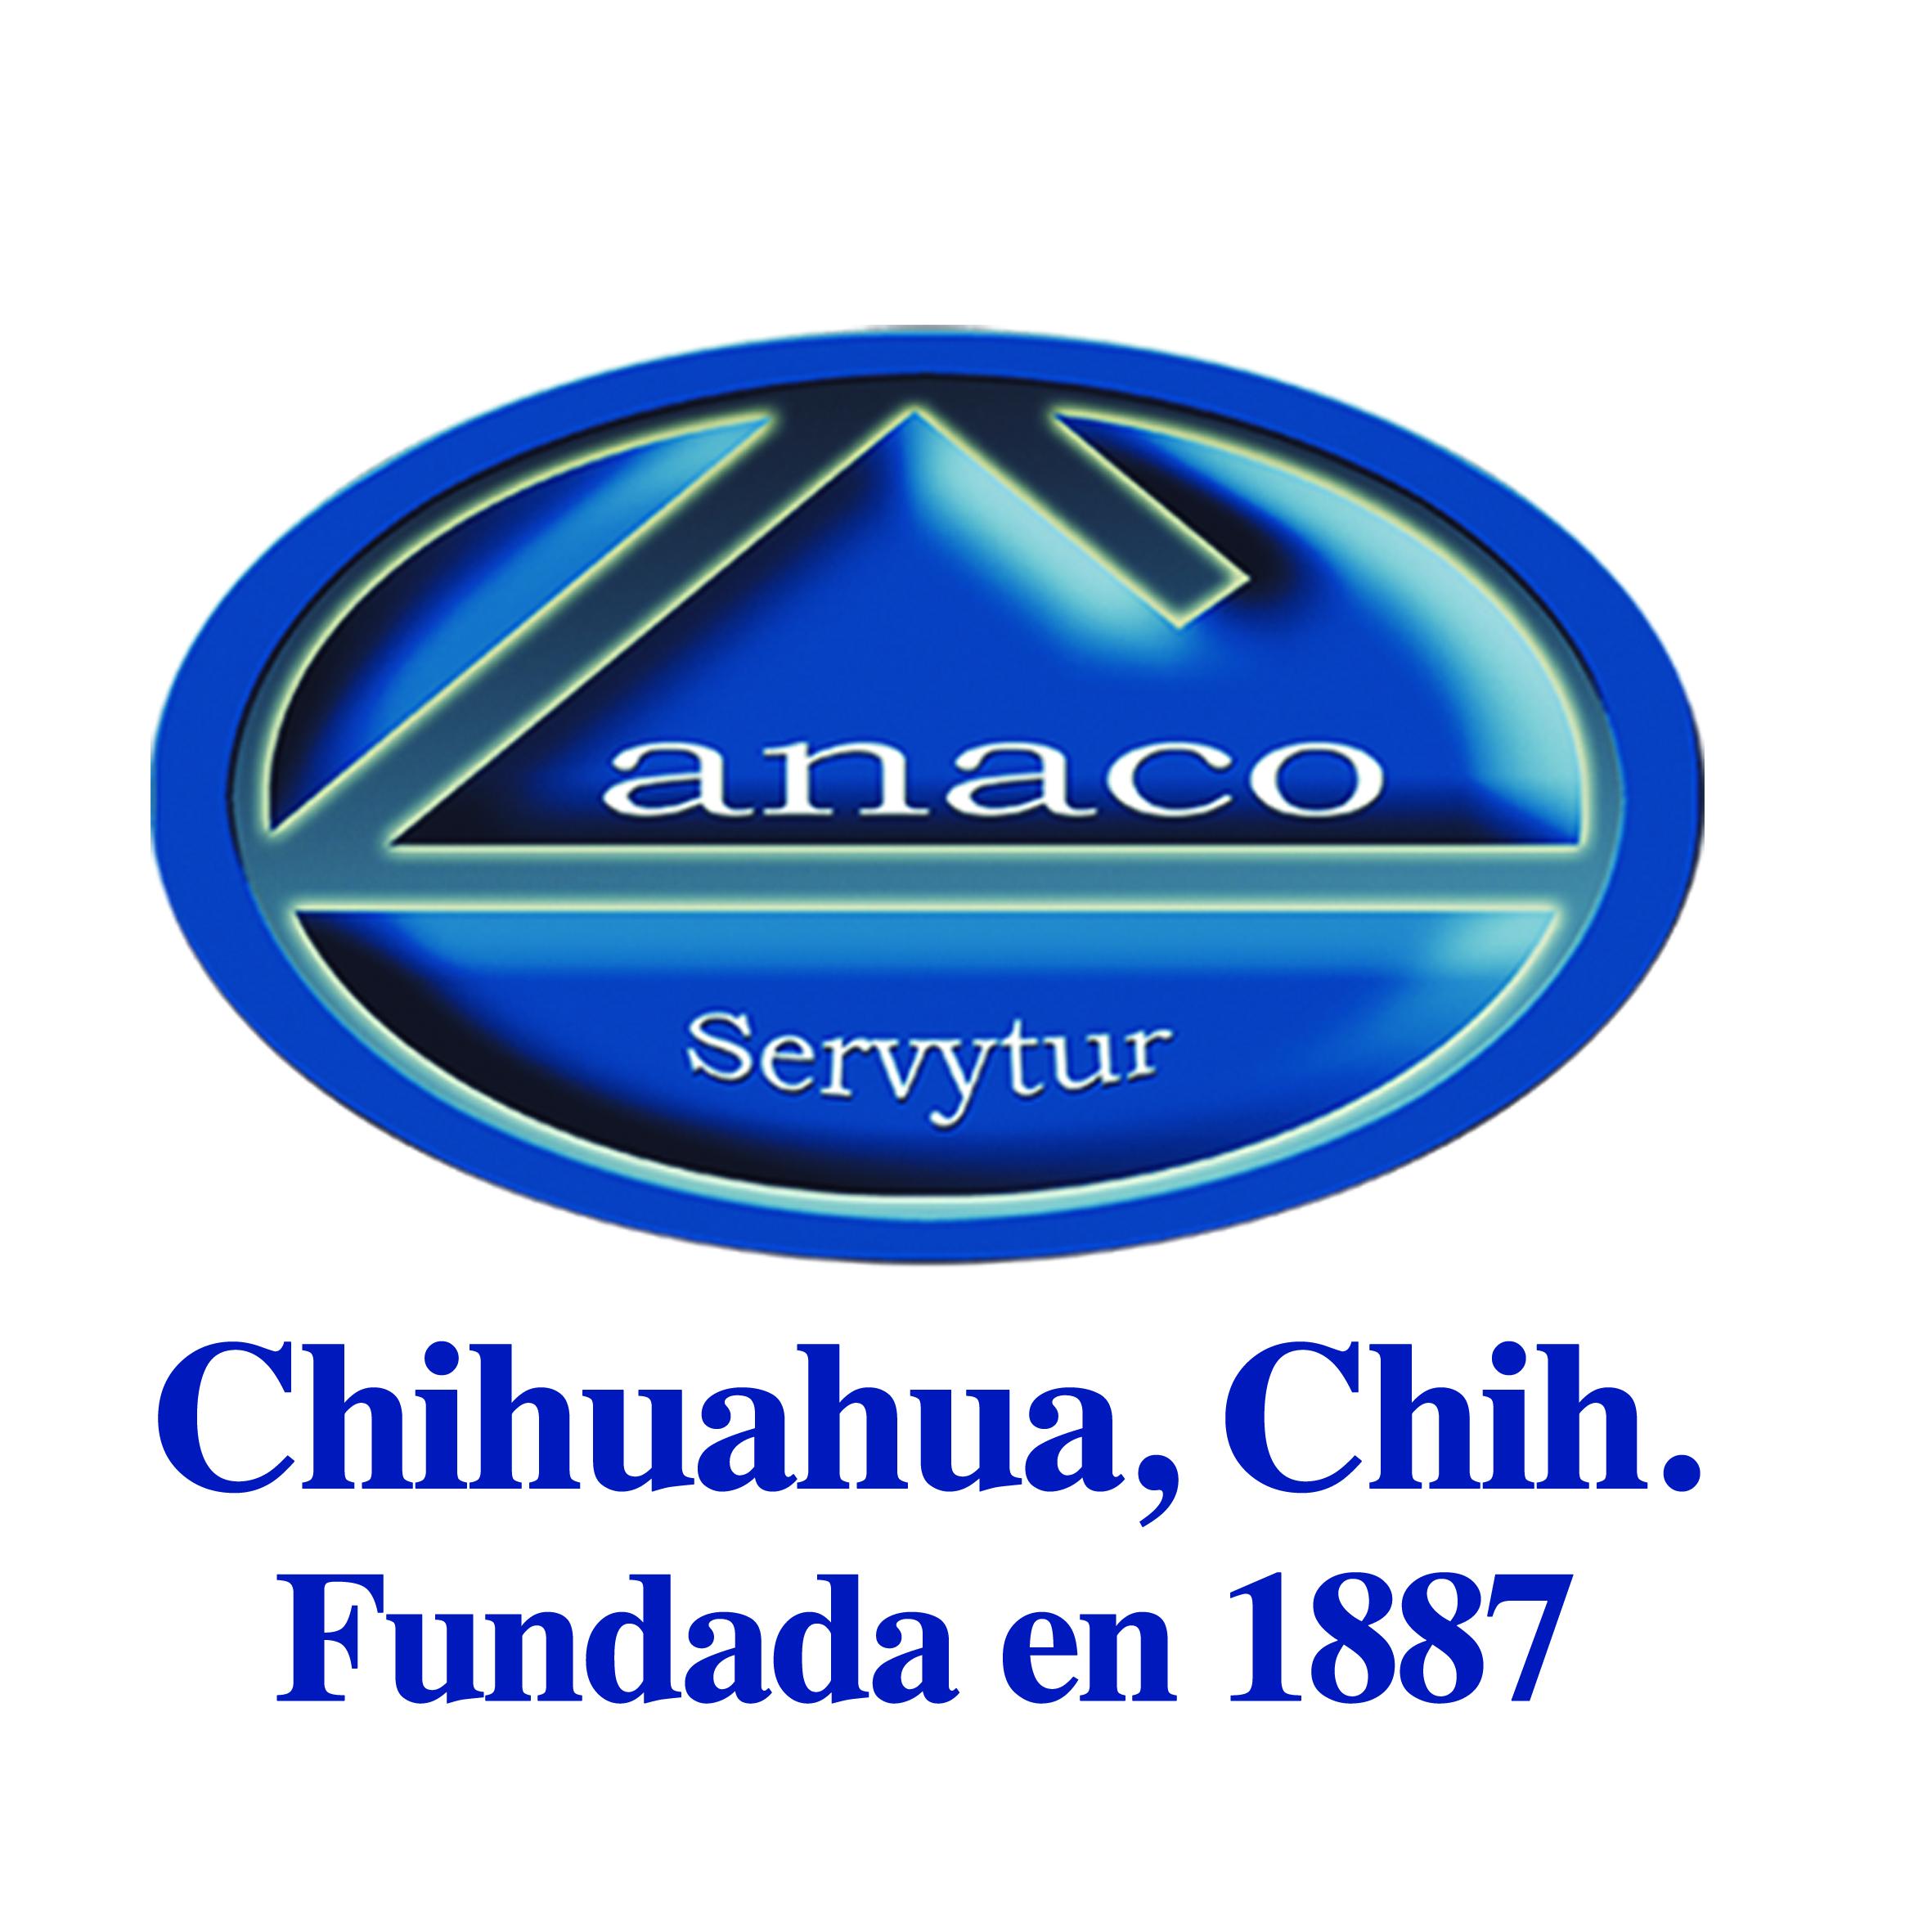 LOGO-CANACO-2018-1.jpg